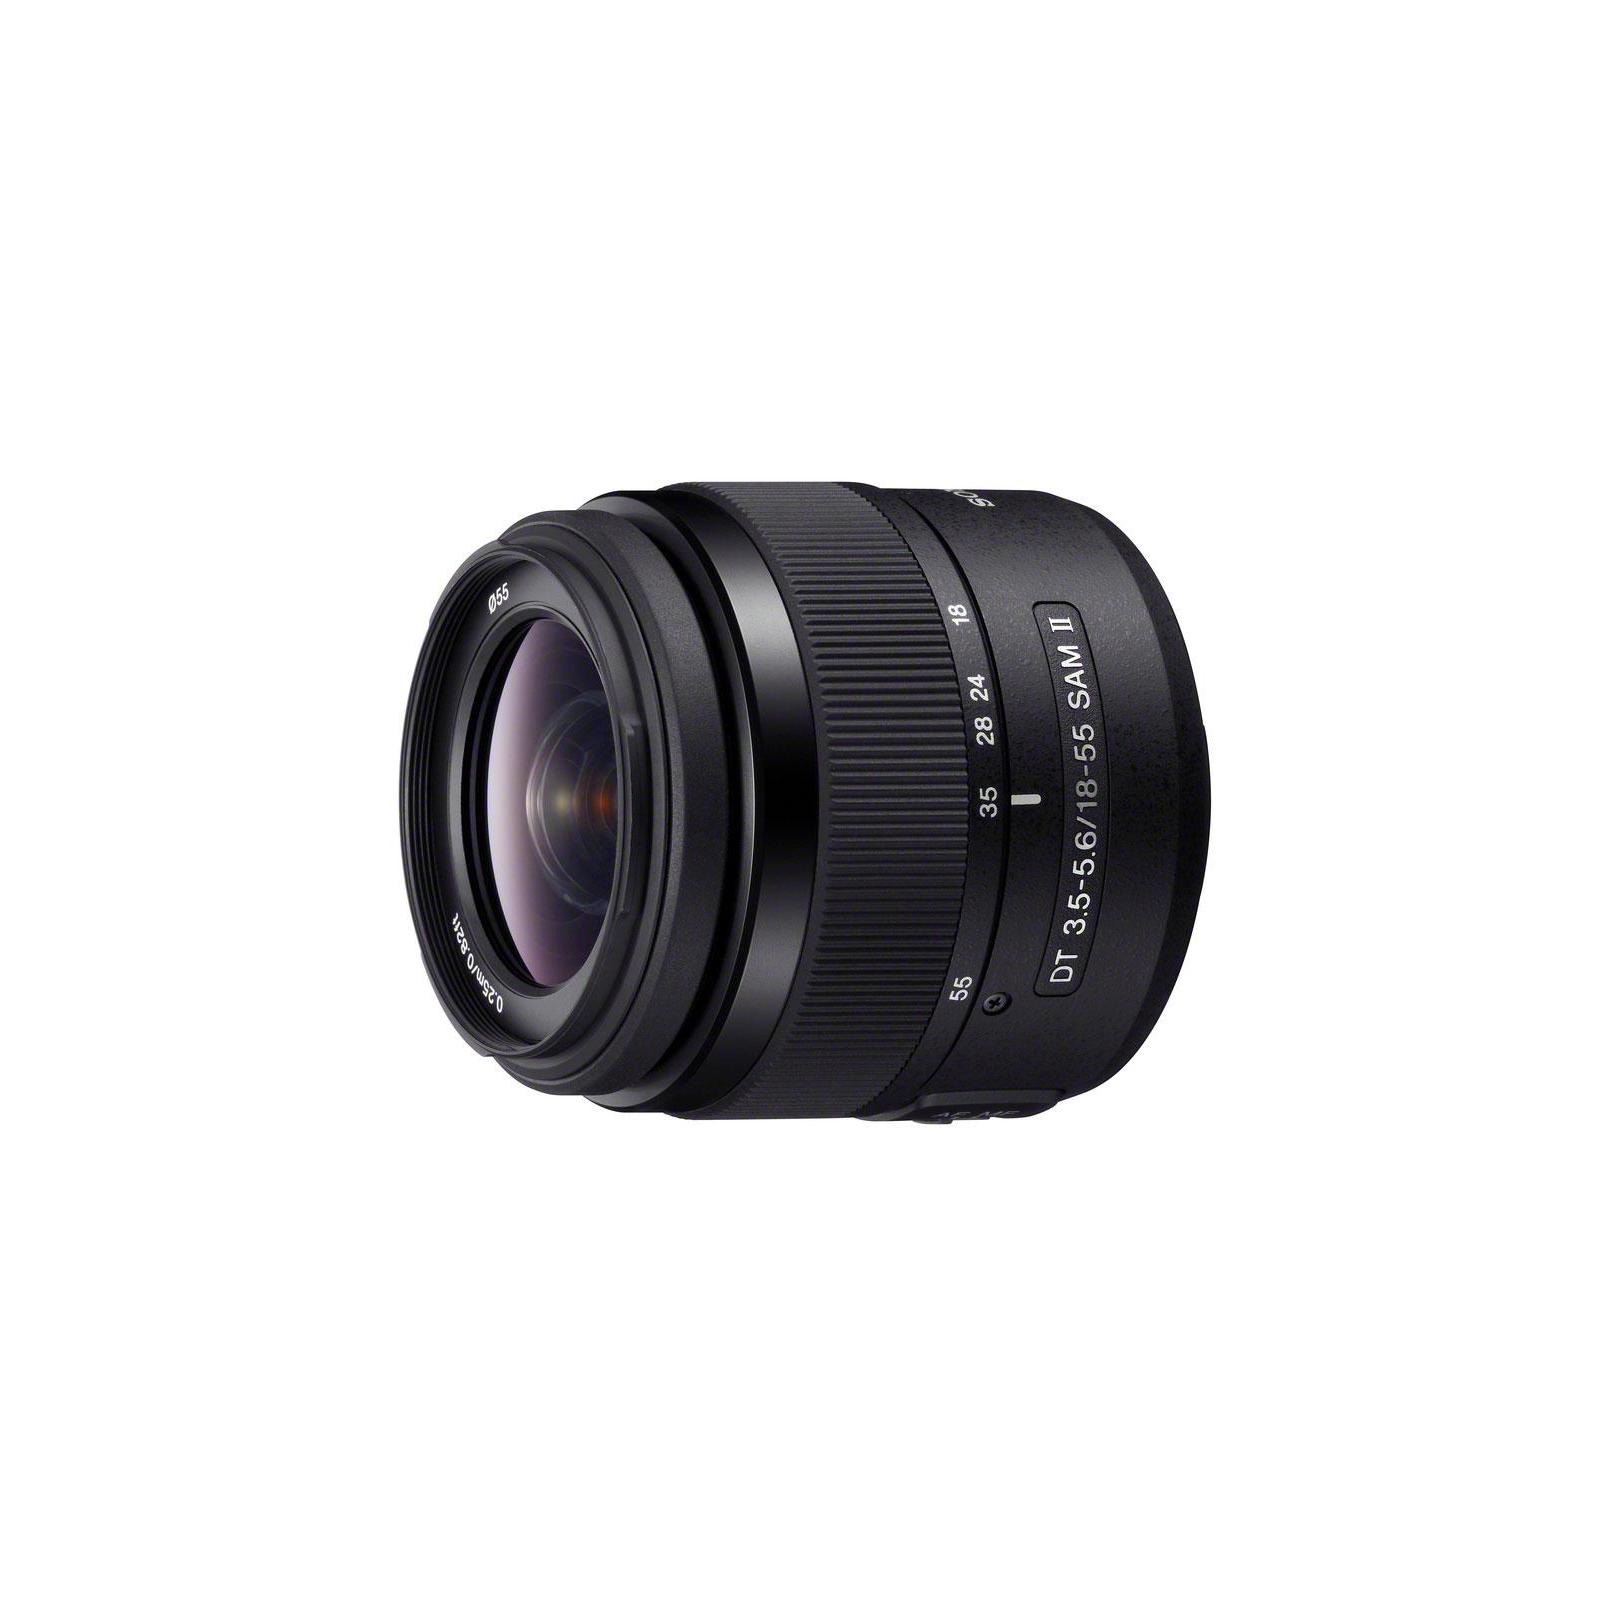 Объектив SONY 18-55mm f/3.5-5.6 II DSLR/SLT (SAL1855-2.AE)